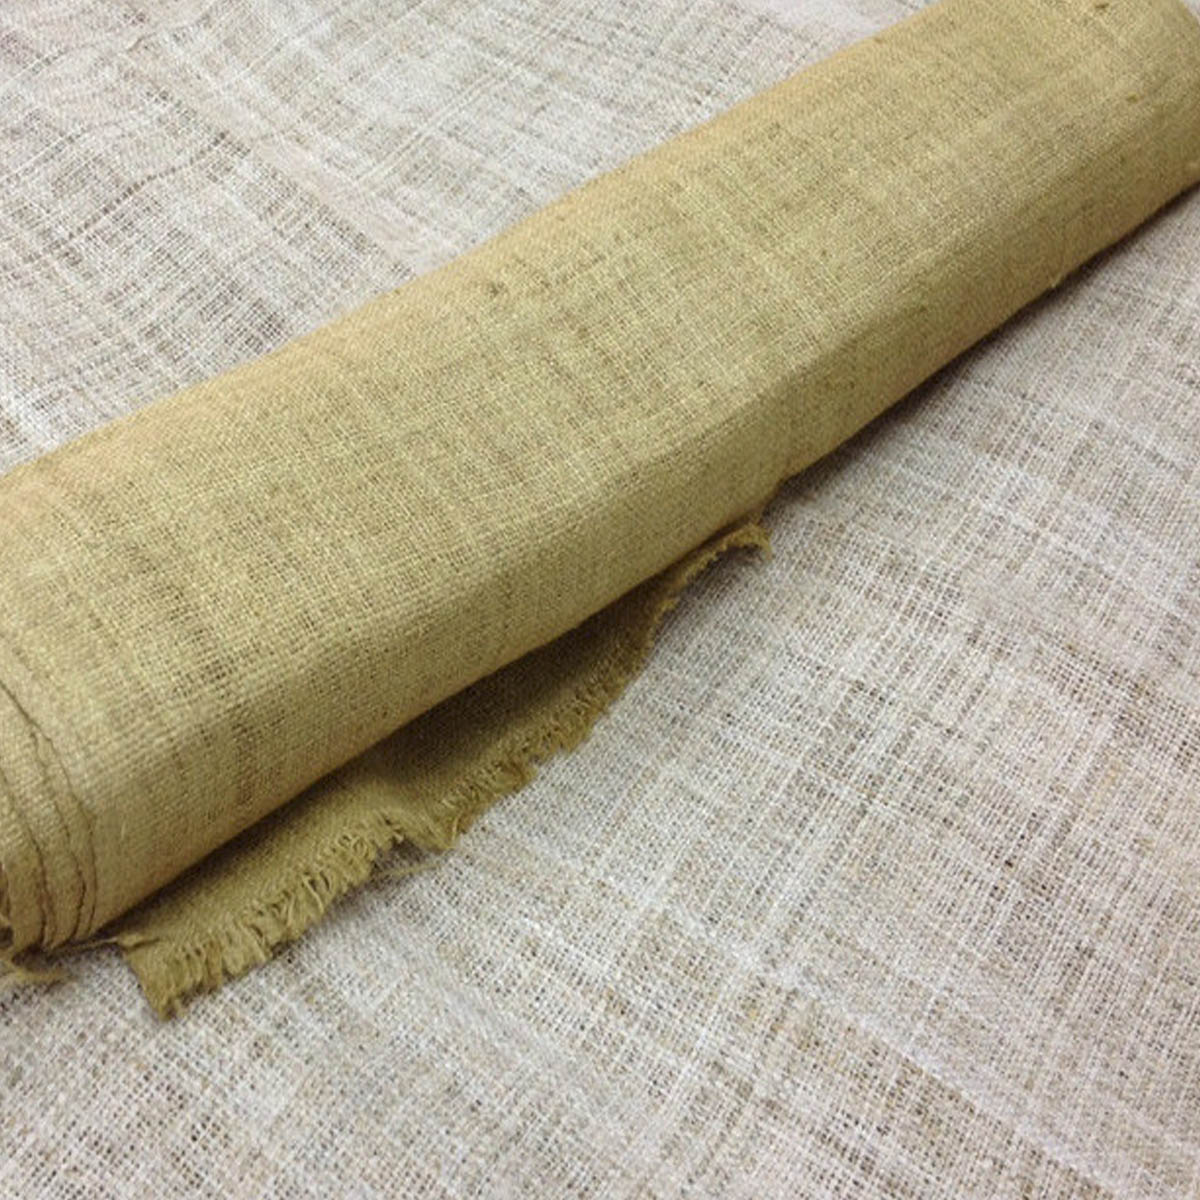 Hemp Fabric Wholesale Amp Export 100 Hemp From Chiang Mai